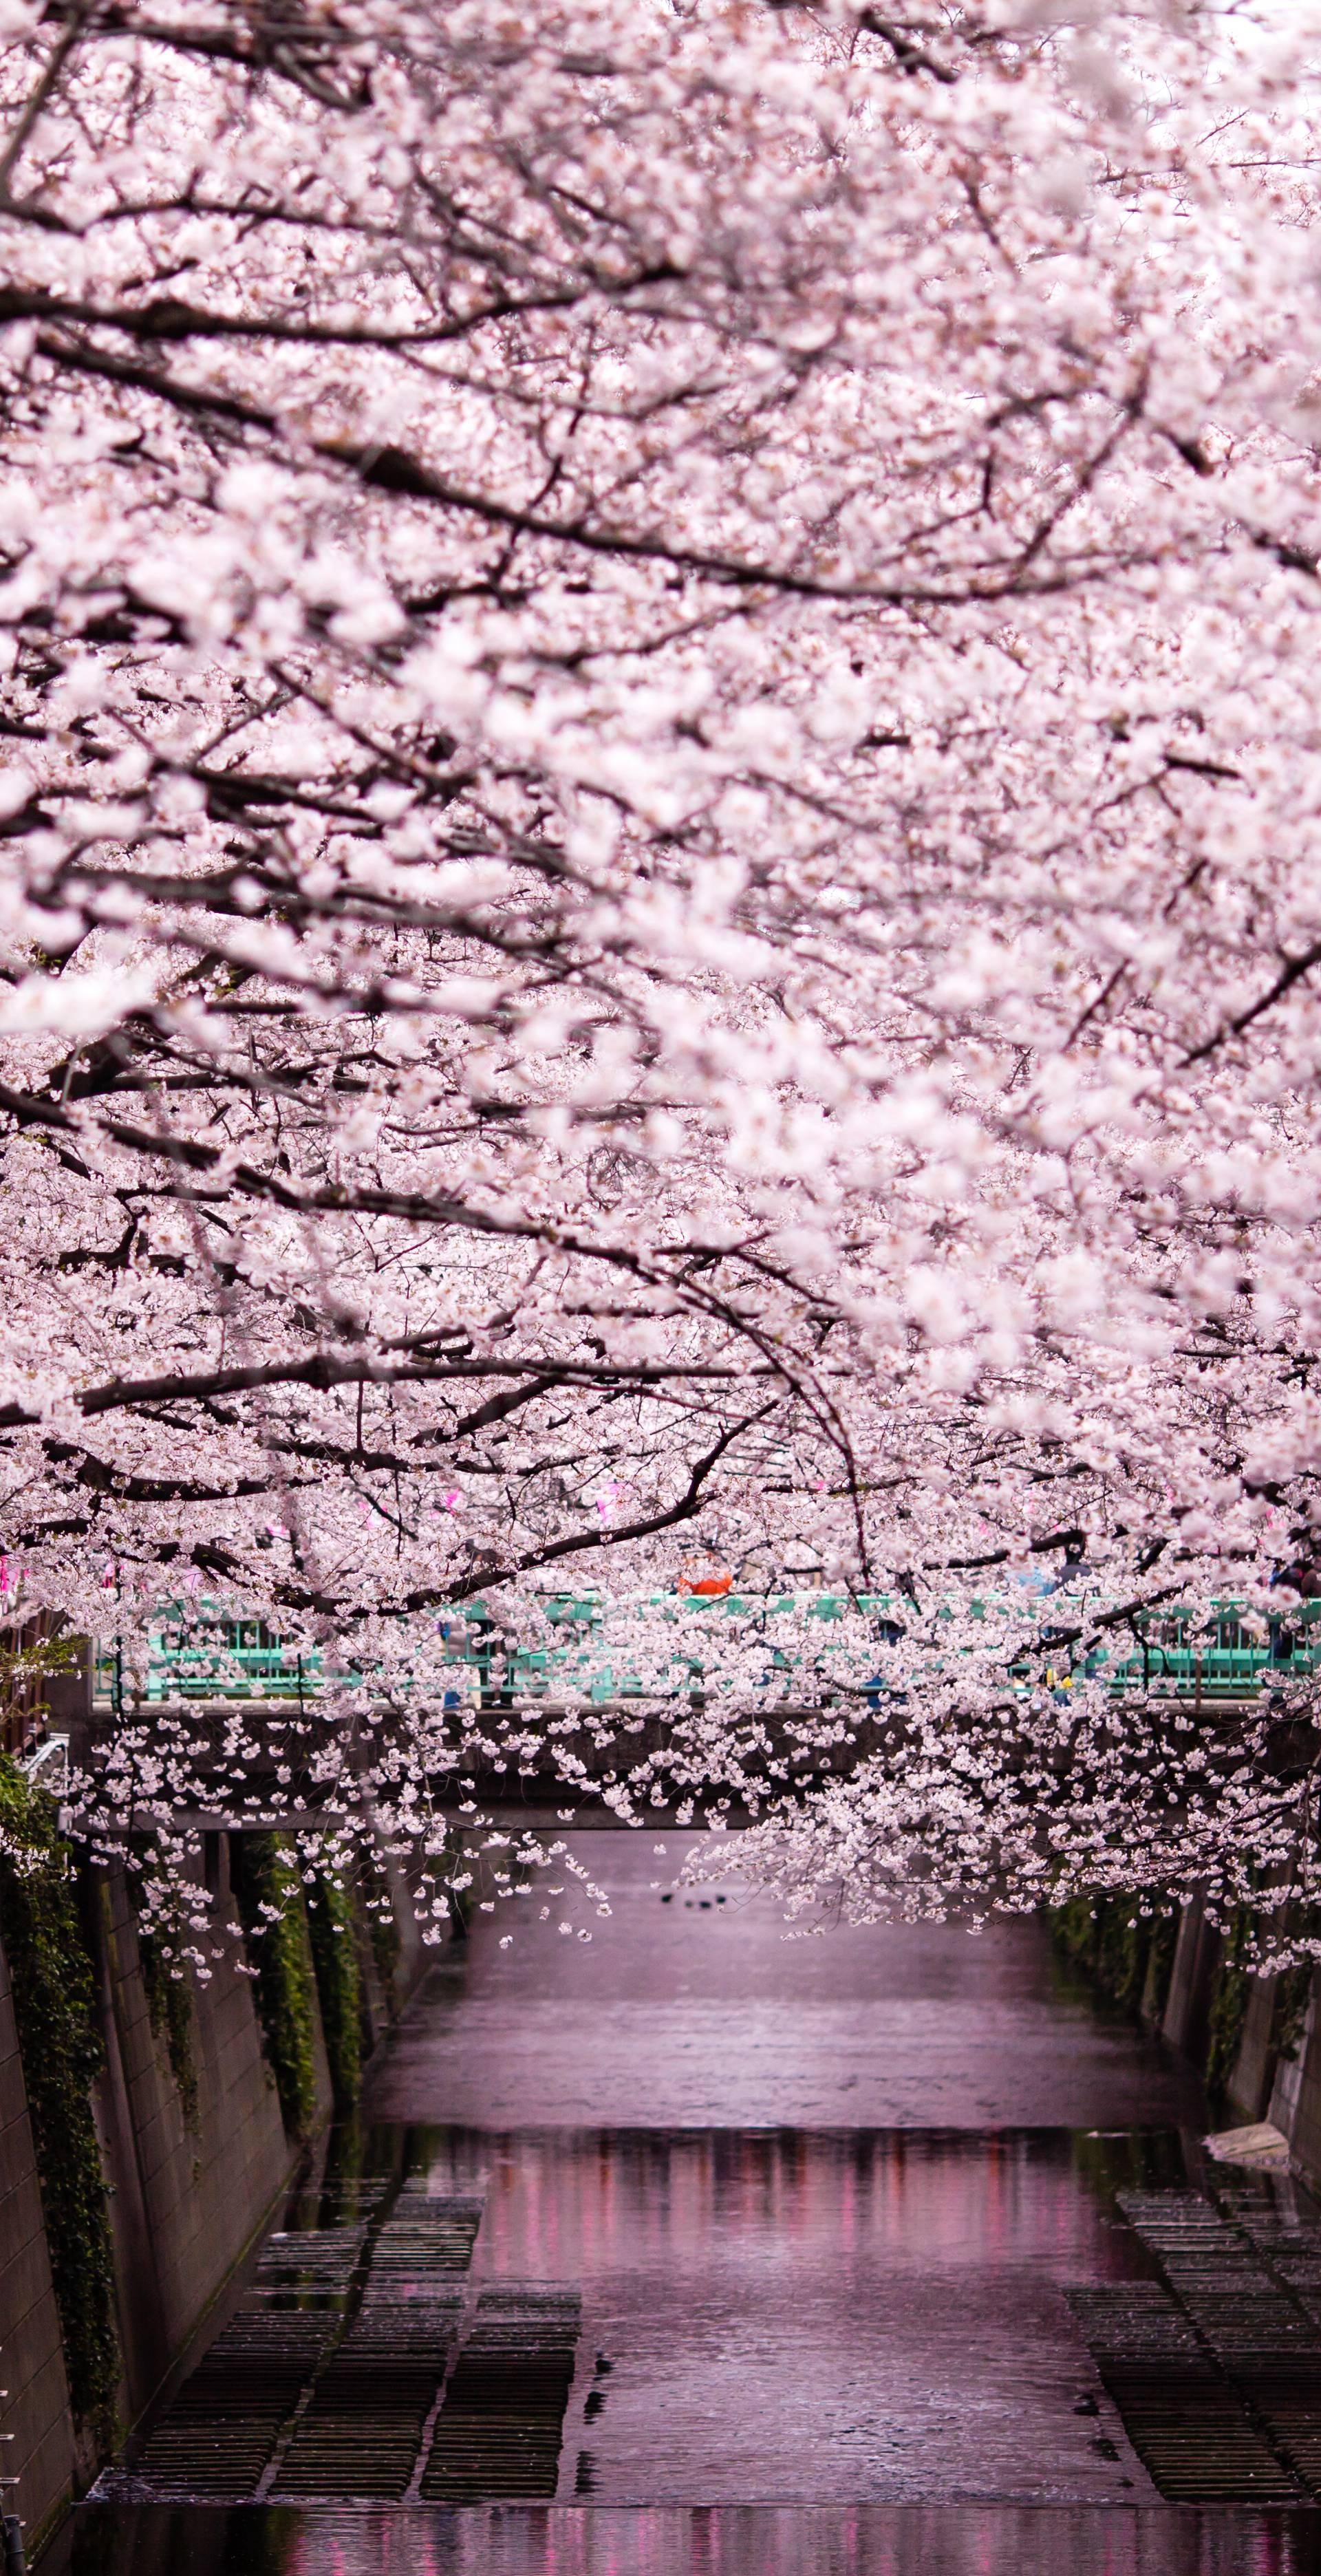 Drvo trešnje  - simbol koji je već stoljećima ogledalo Japana